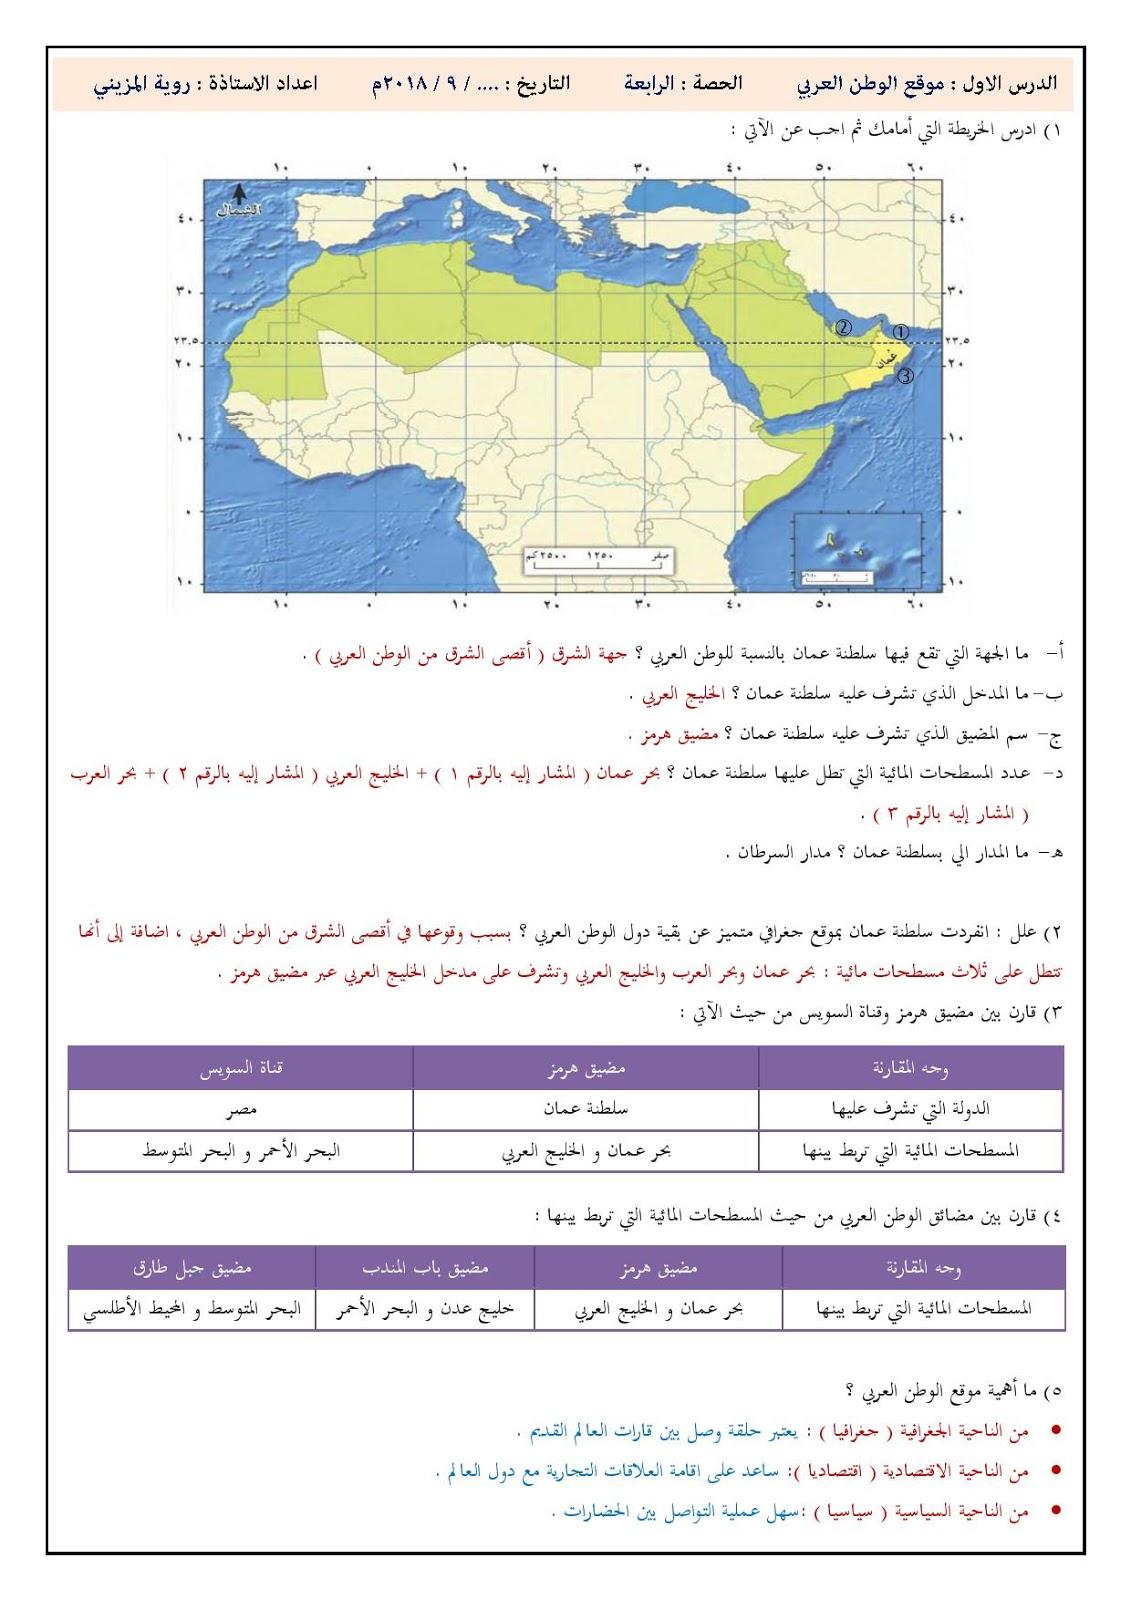 خامس موقع الوطن العربي روية المزيني Pdf